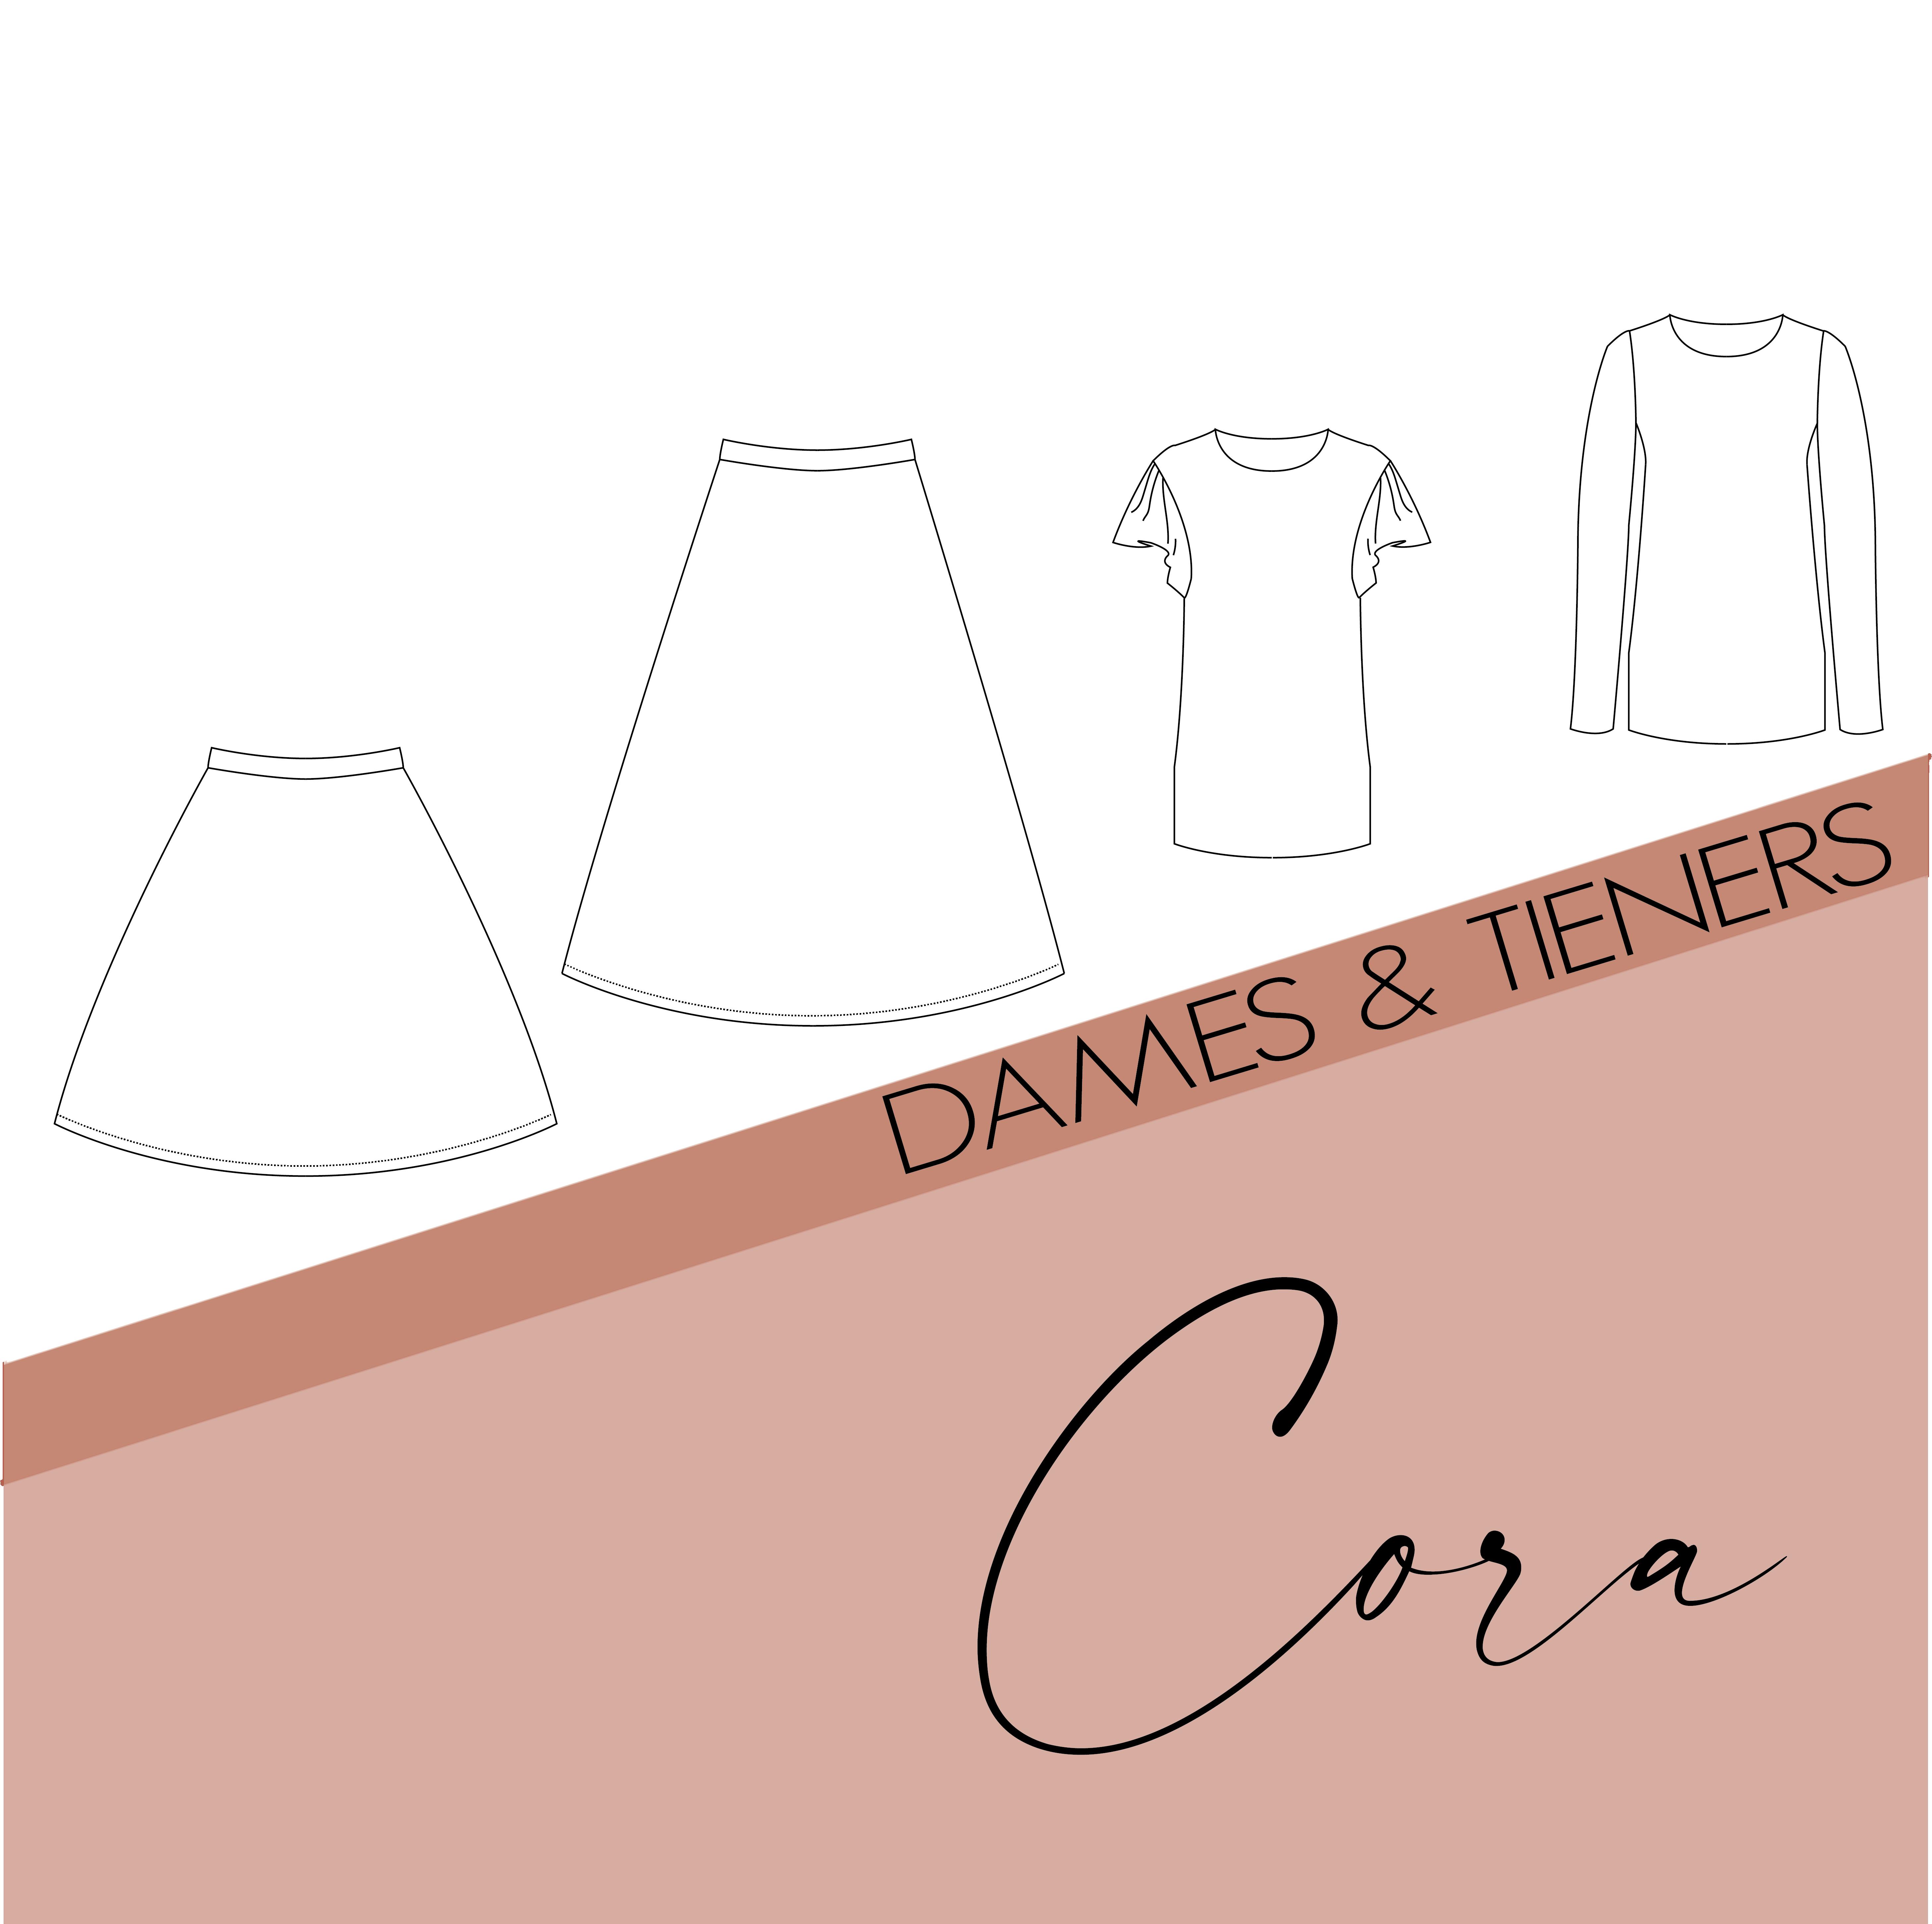 Cora - dames & tieners